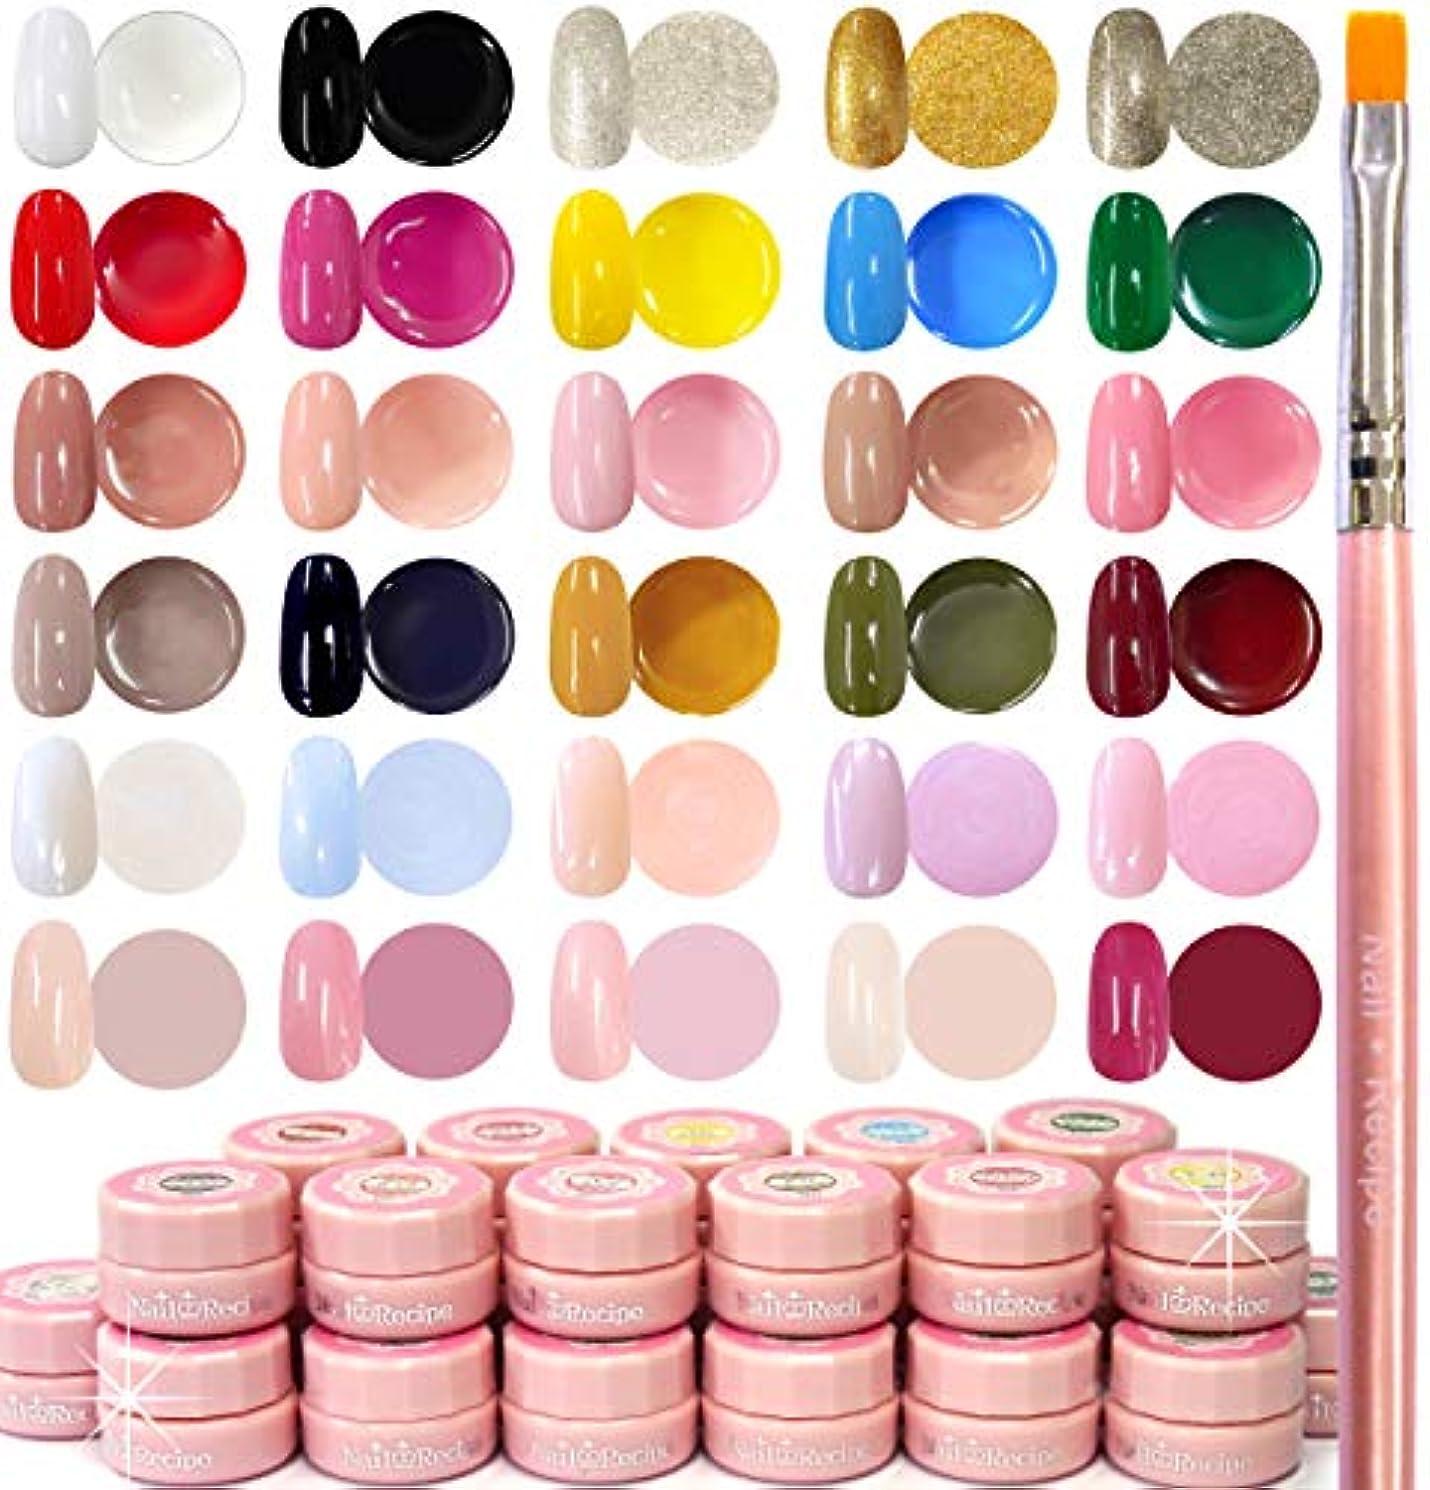 フレームワーク無視できる削る[NailRecipe(ネイルレシピ)] ジェルネイル ジェルネイルセット カラージェル ネイル 30色セット 可愛くて発色抜群